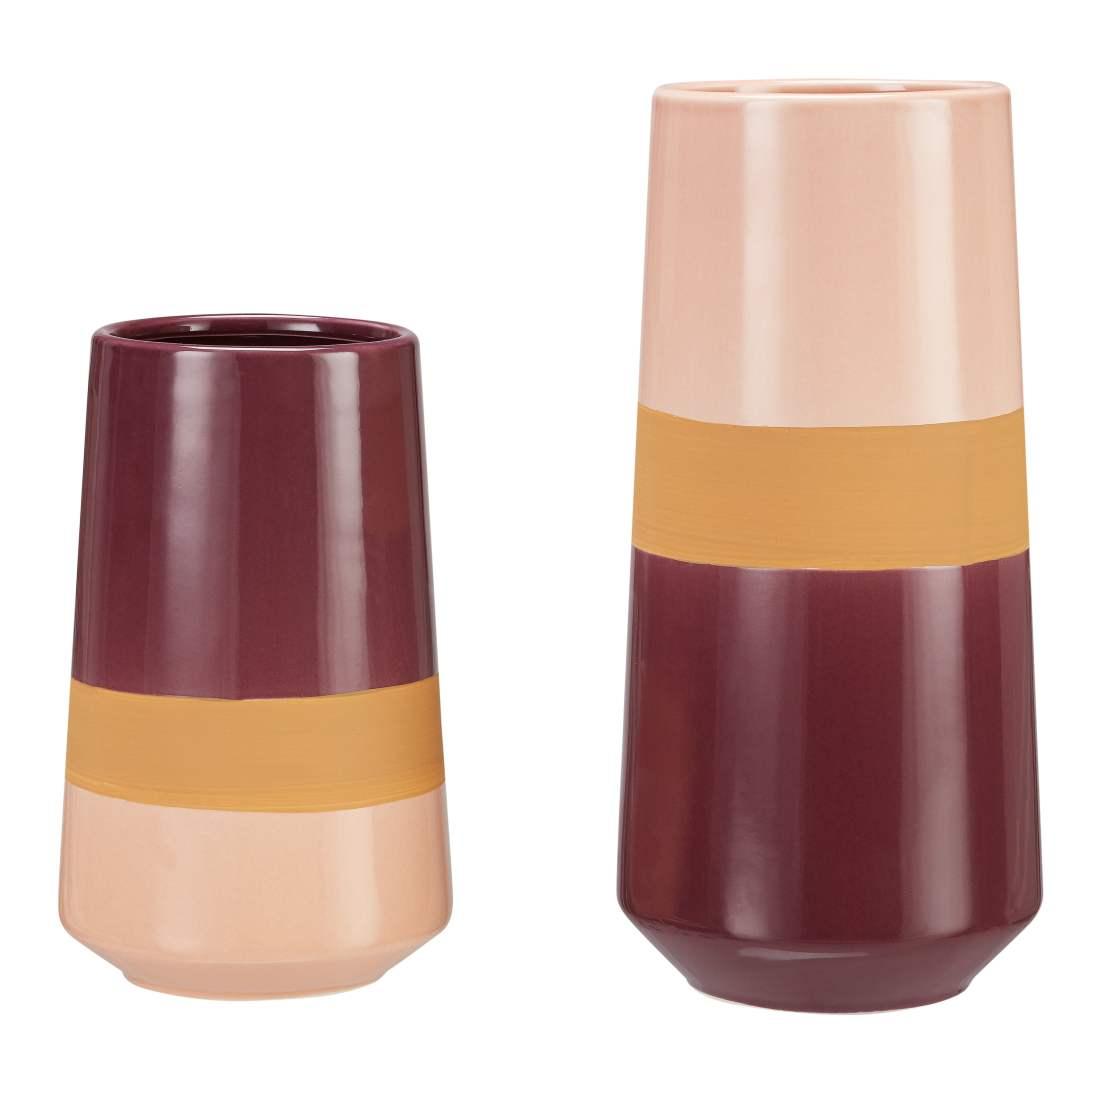 Better Homes & Gardens 2-Piece Tri-Color Vase Set, Multiple Colors